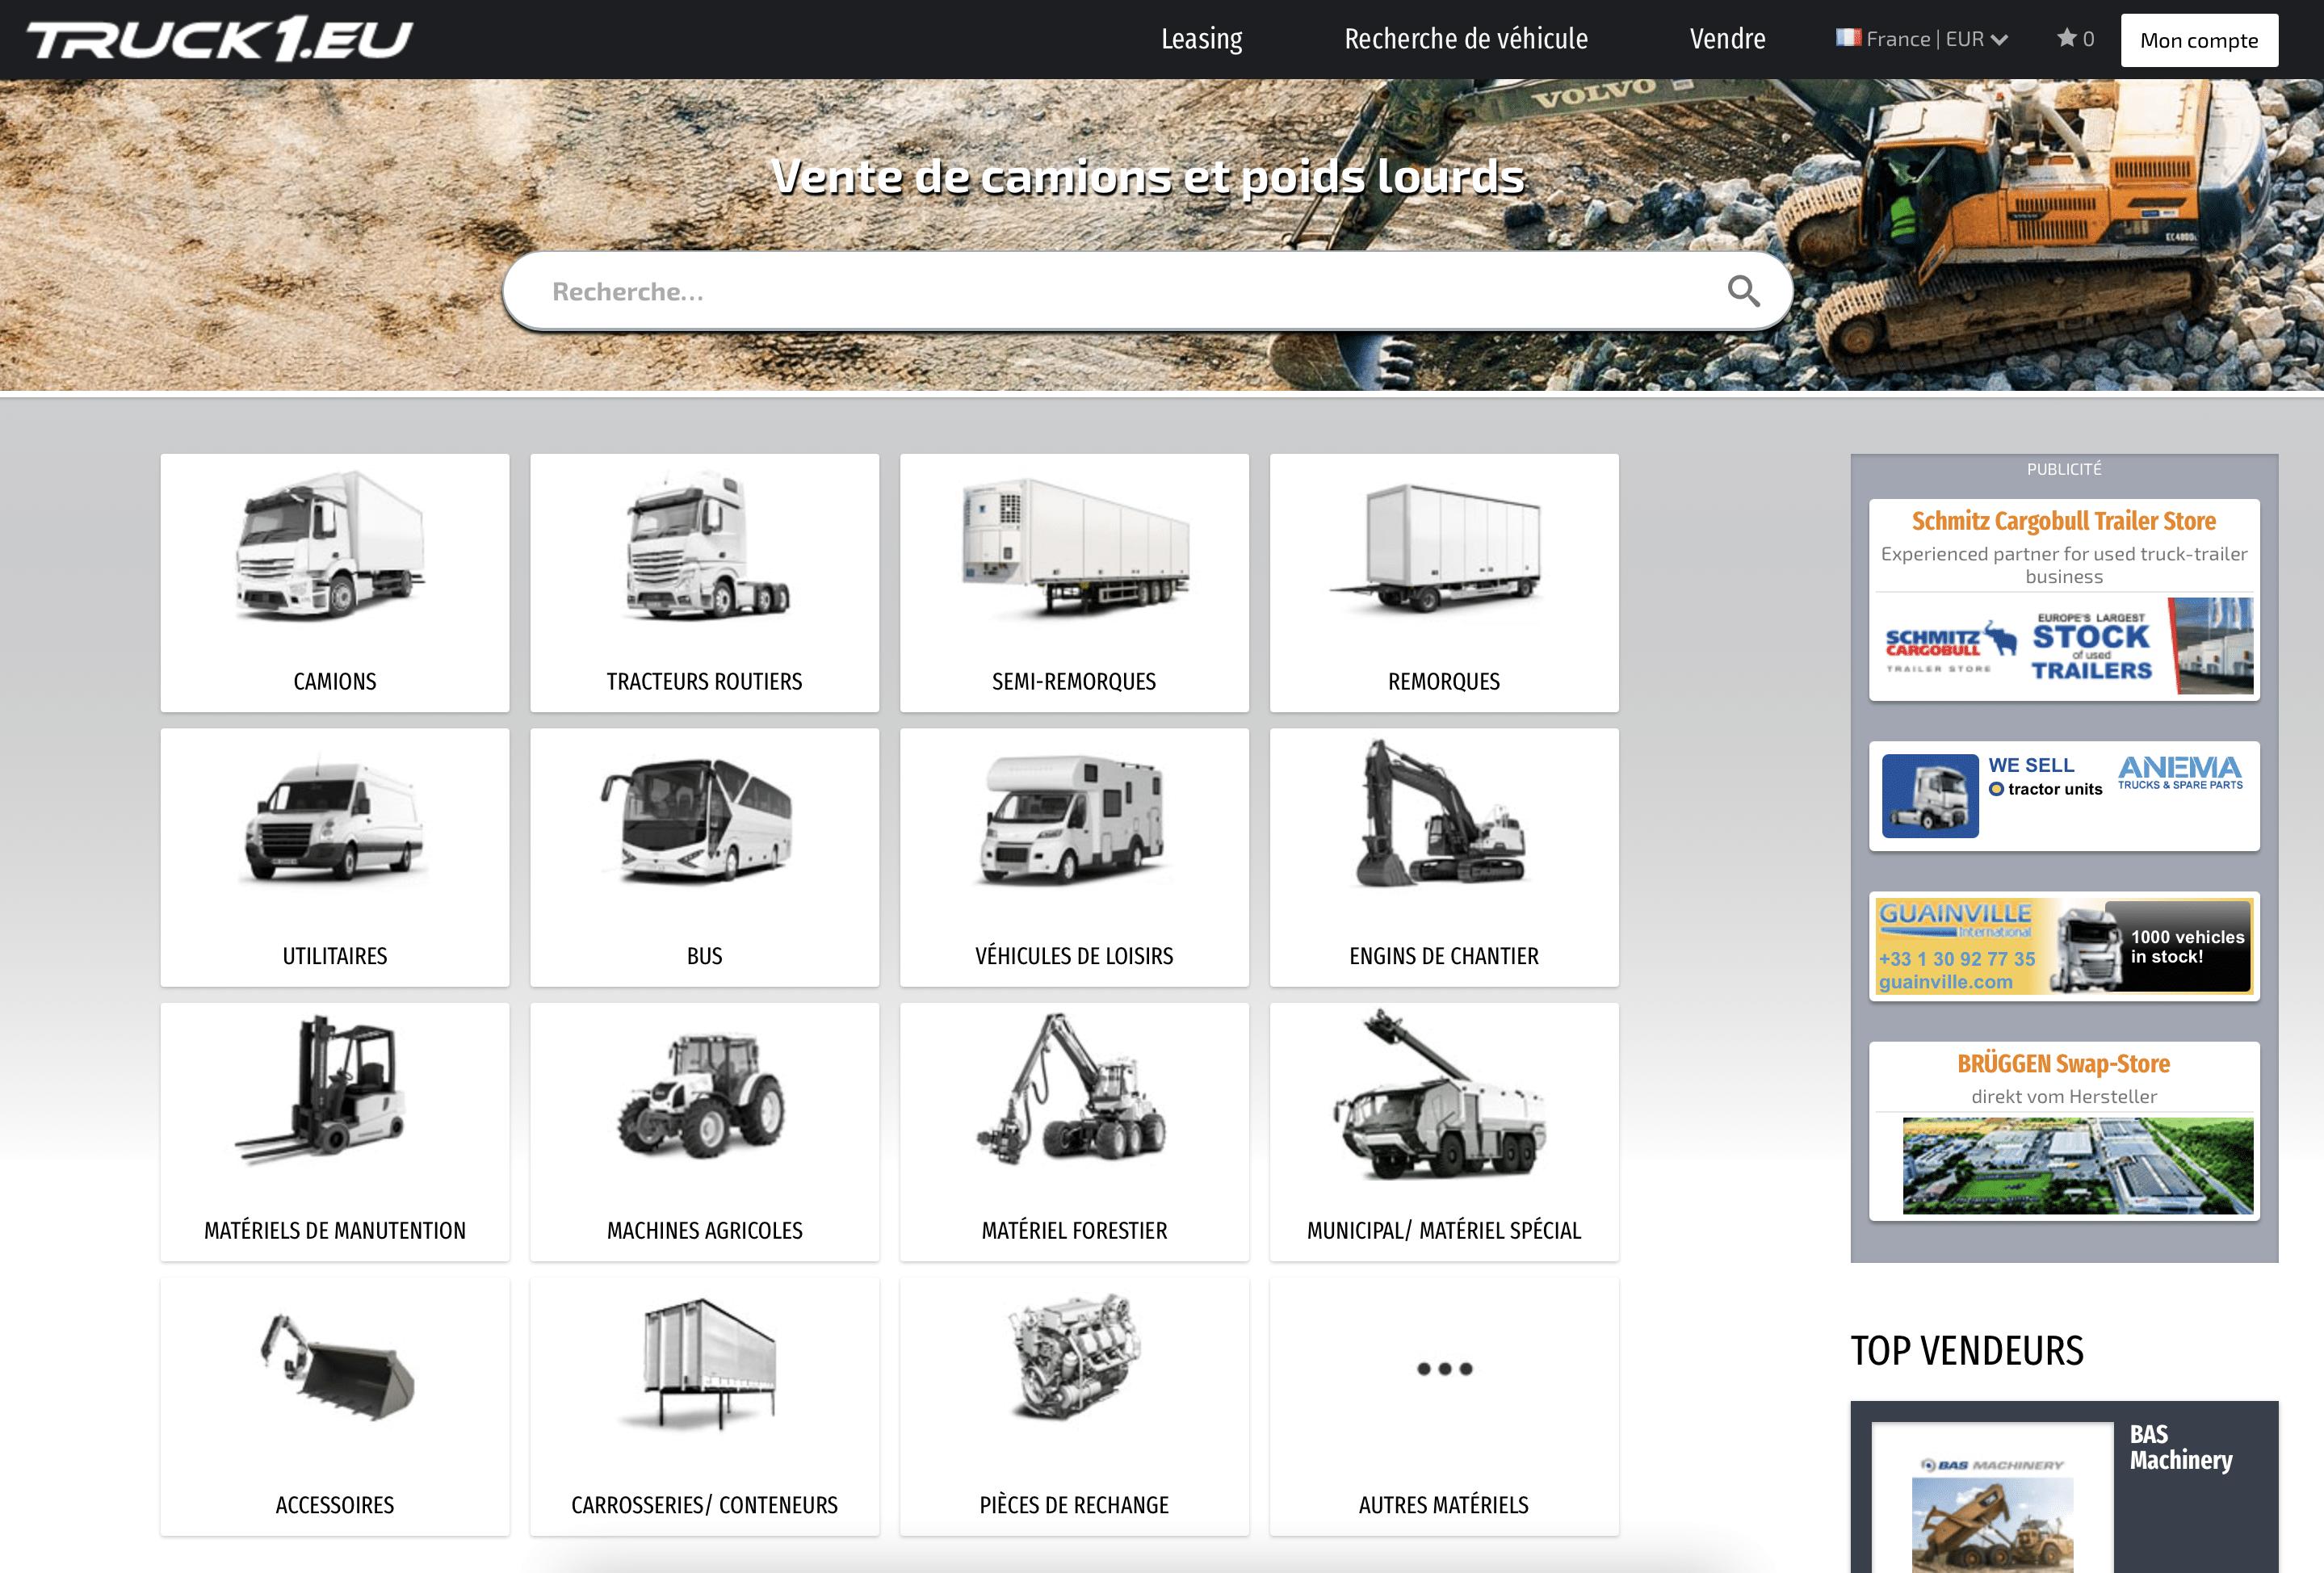 Truck1 - site spécialisé dans la vente de poids lourds